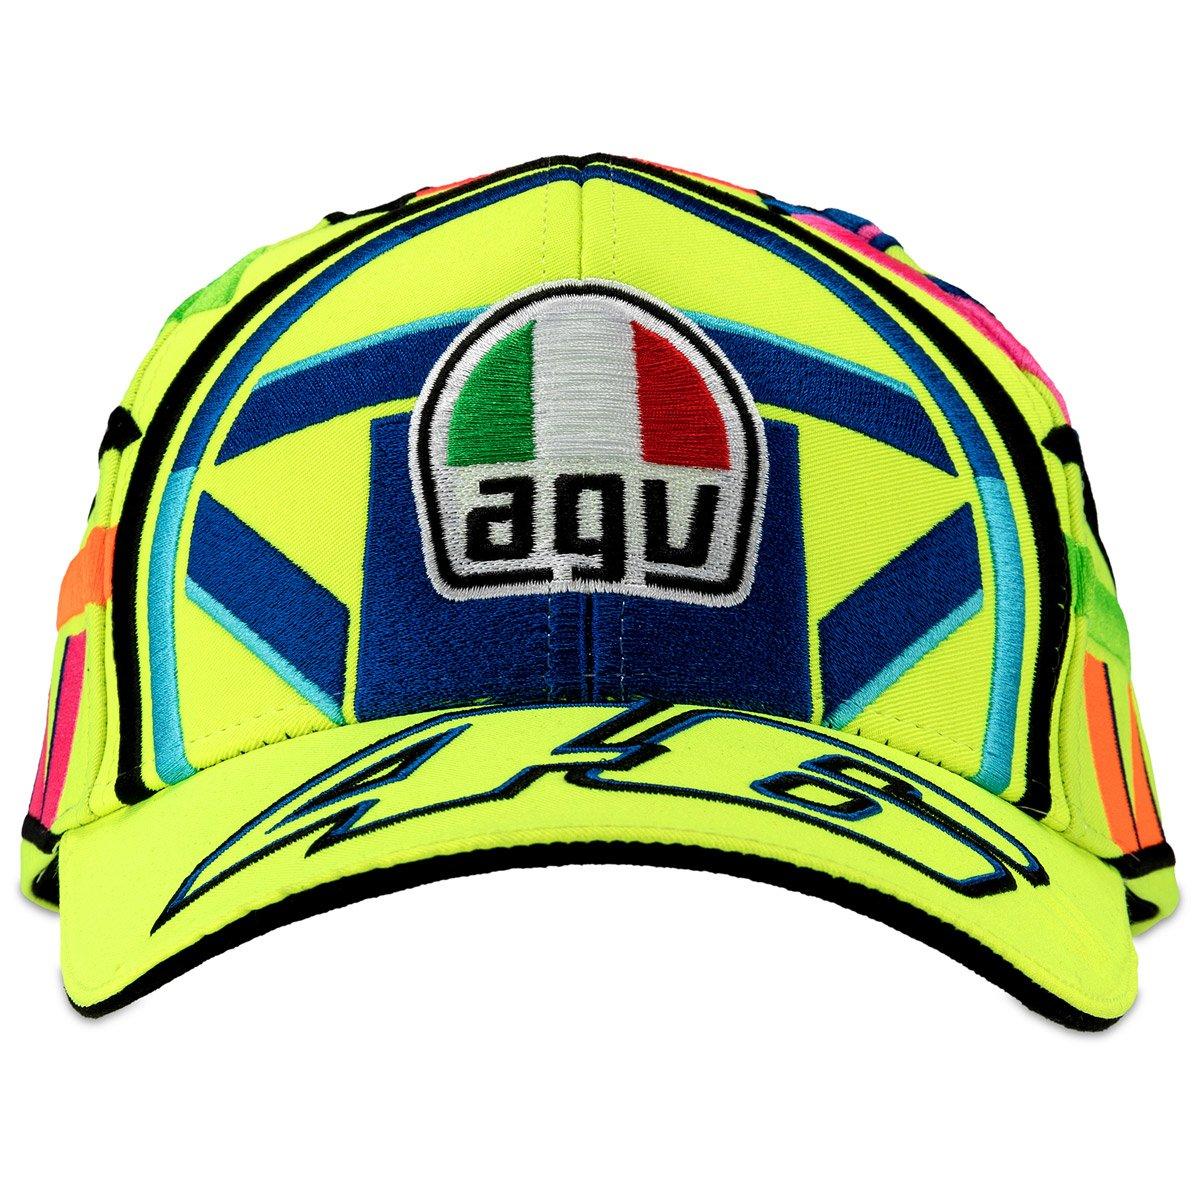 Valentino Rossi VR46 Moto GP Helmet Baseball Gorra Oficial 2018: Amazon.es: Deportes y aire libre